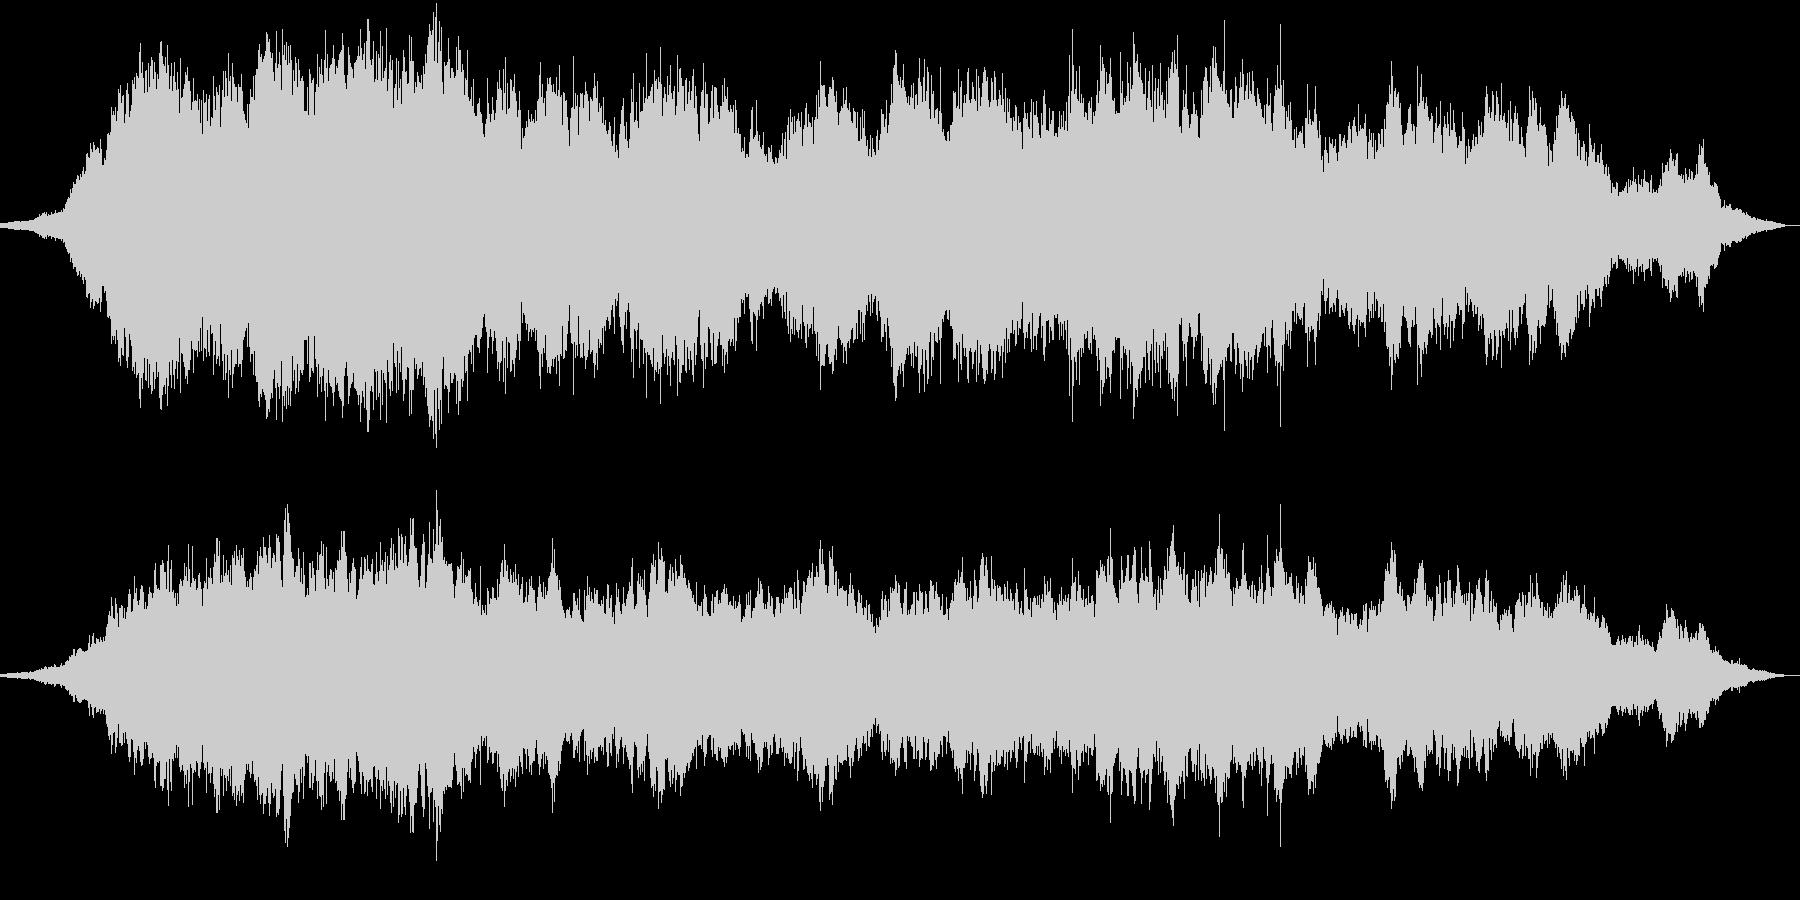 きれいなコードのアンビエントの未再生の波形